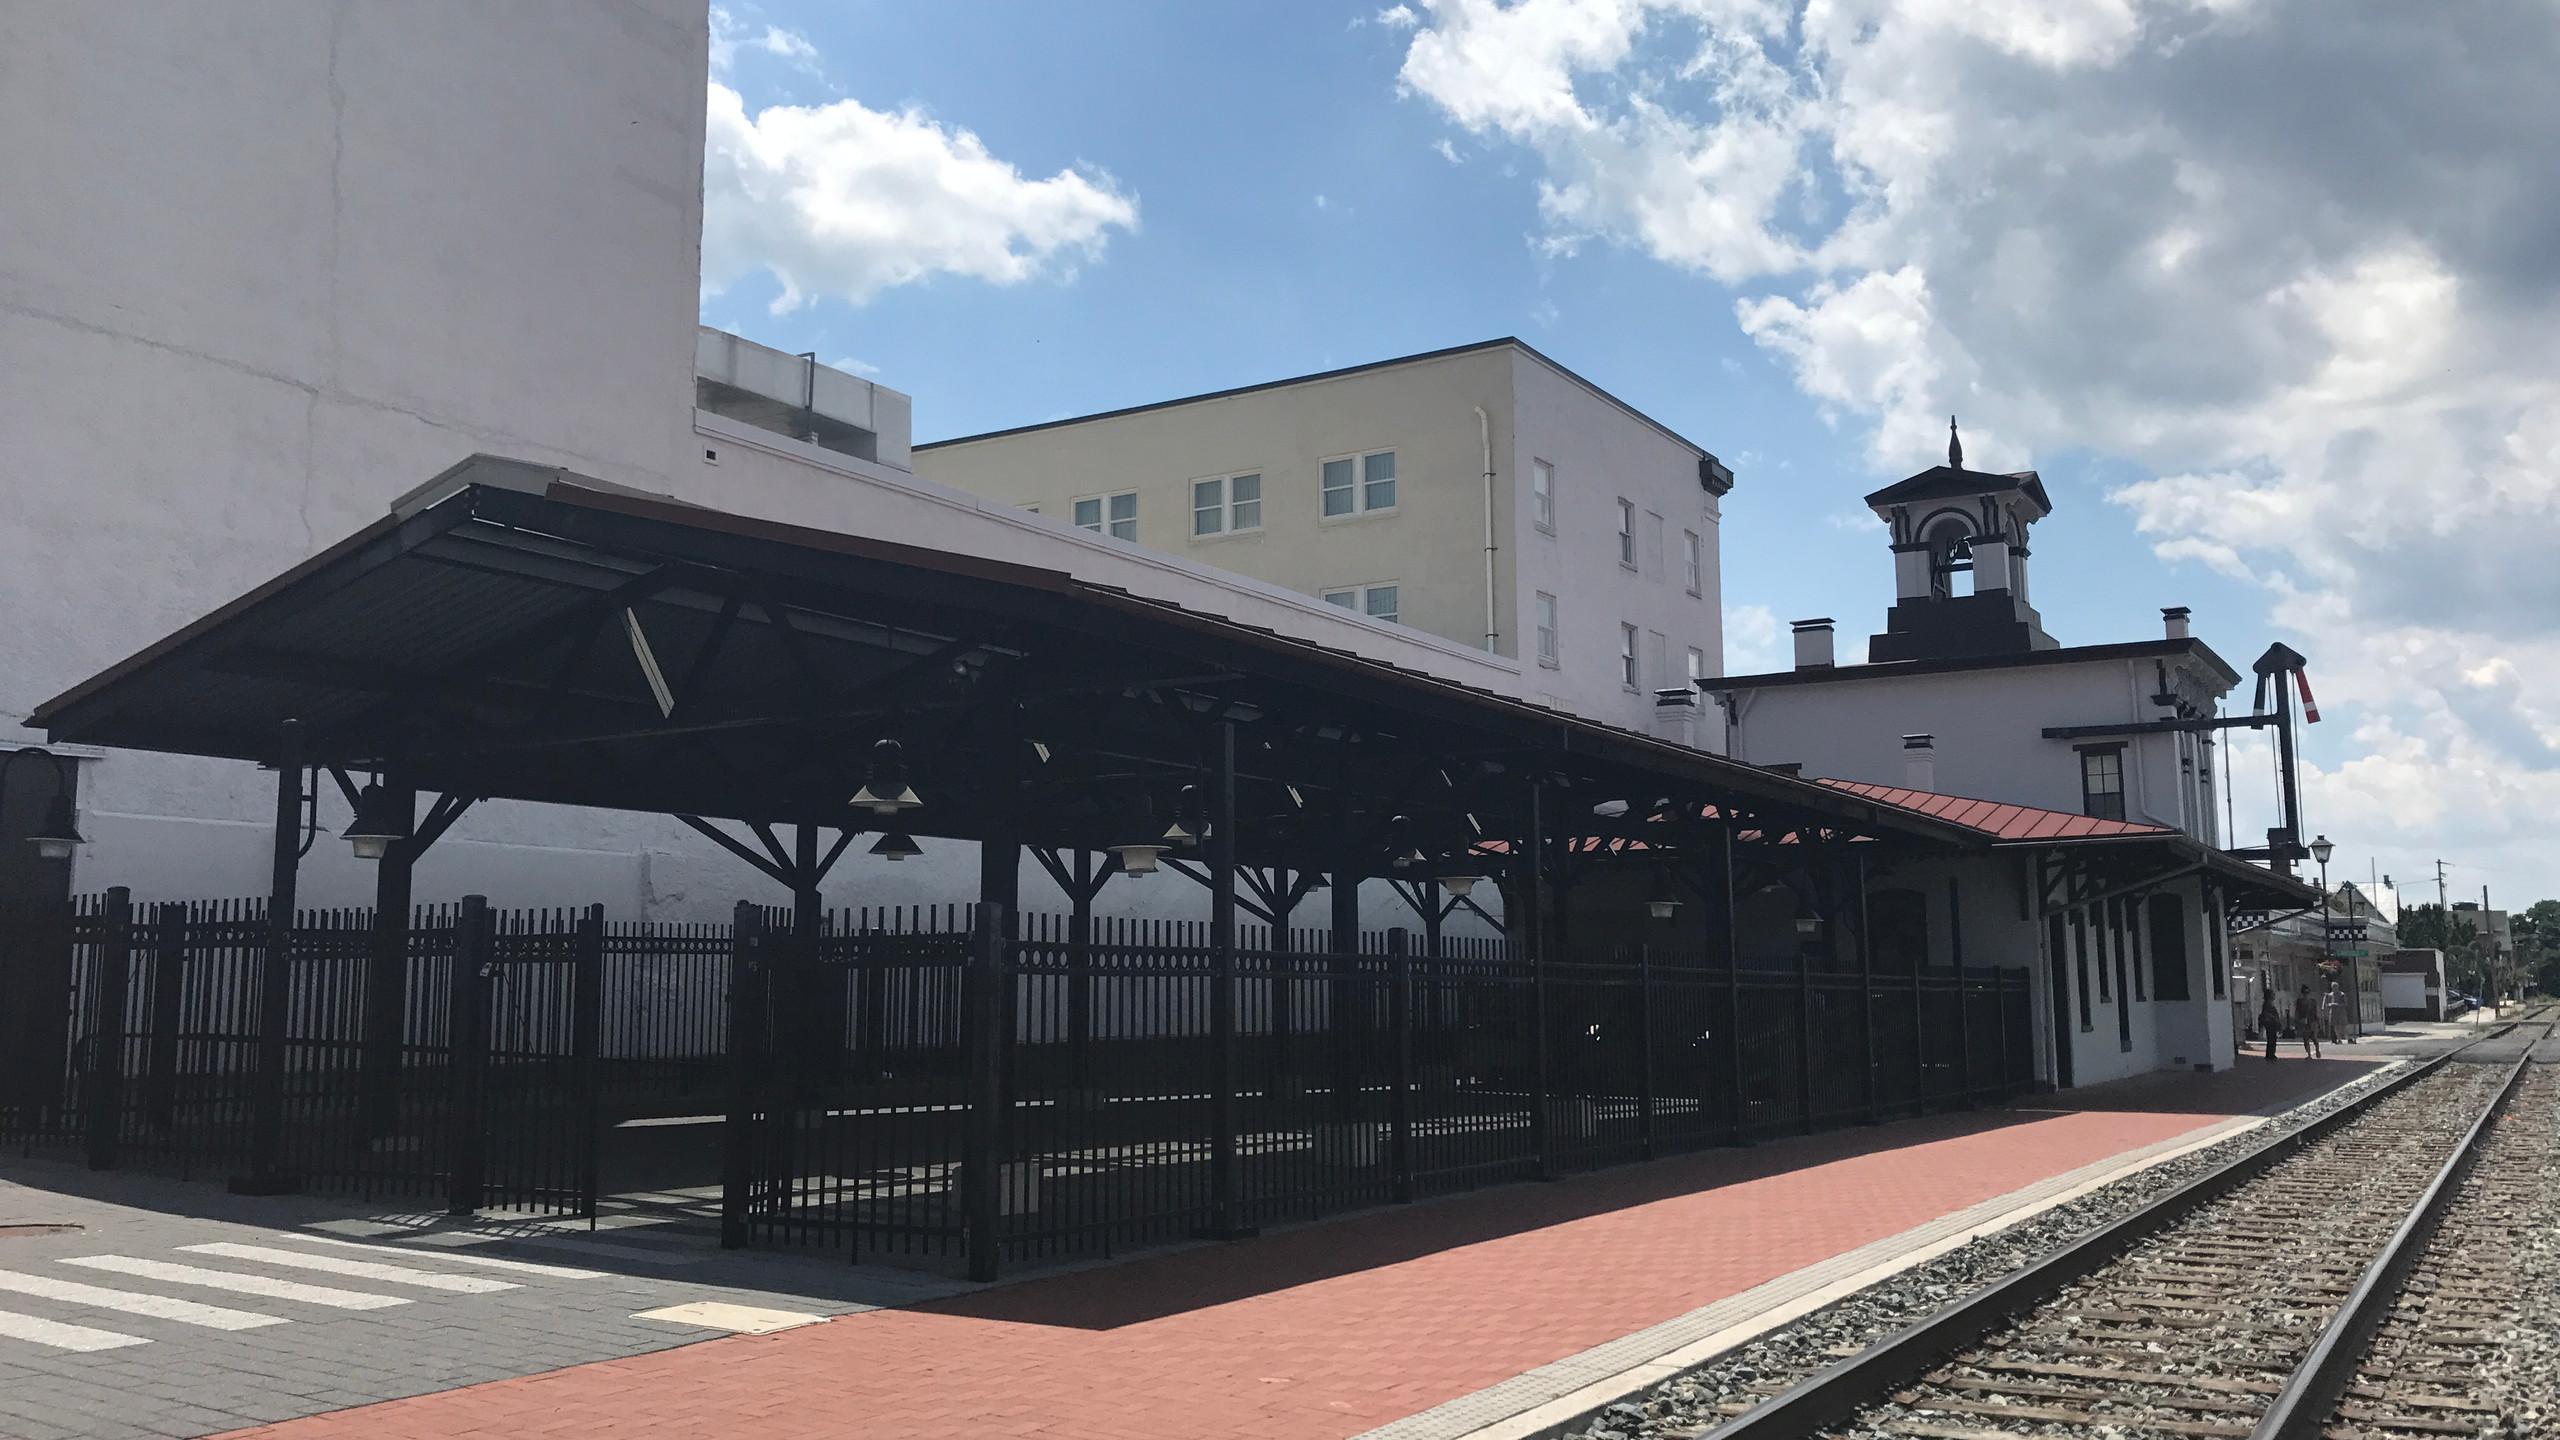 Gettysburg R.R. Depot